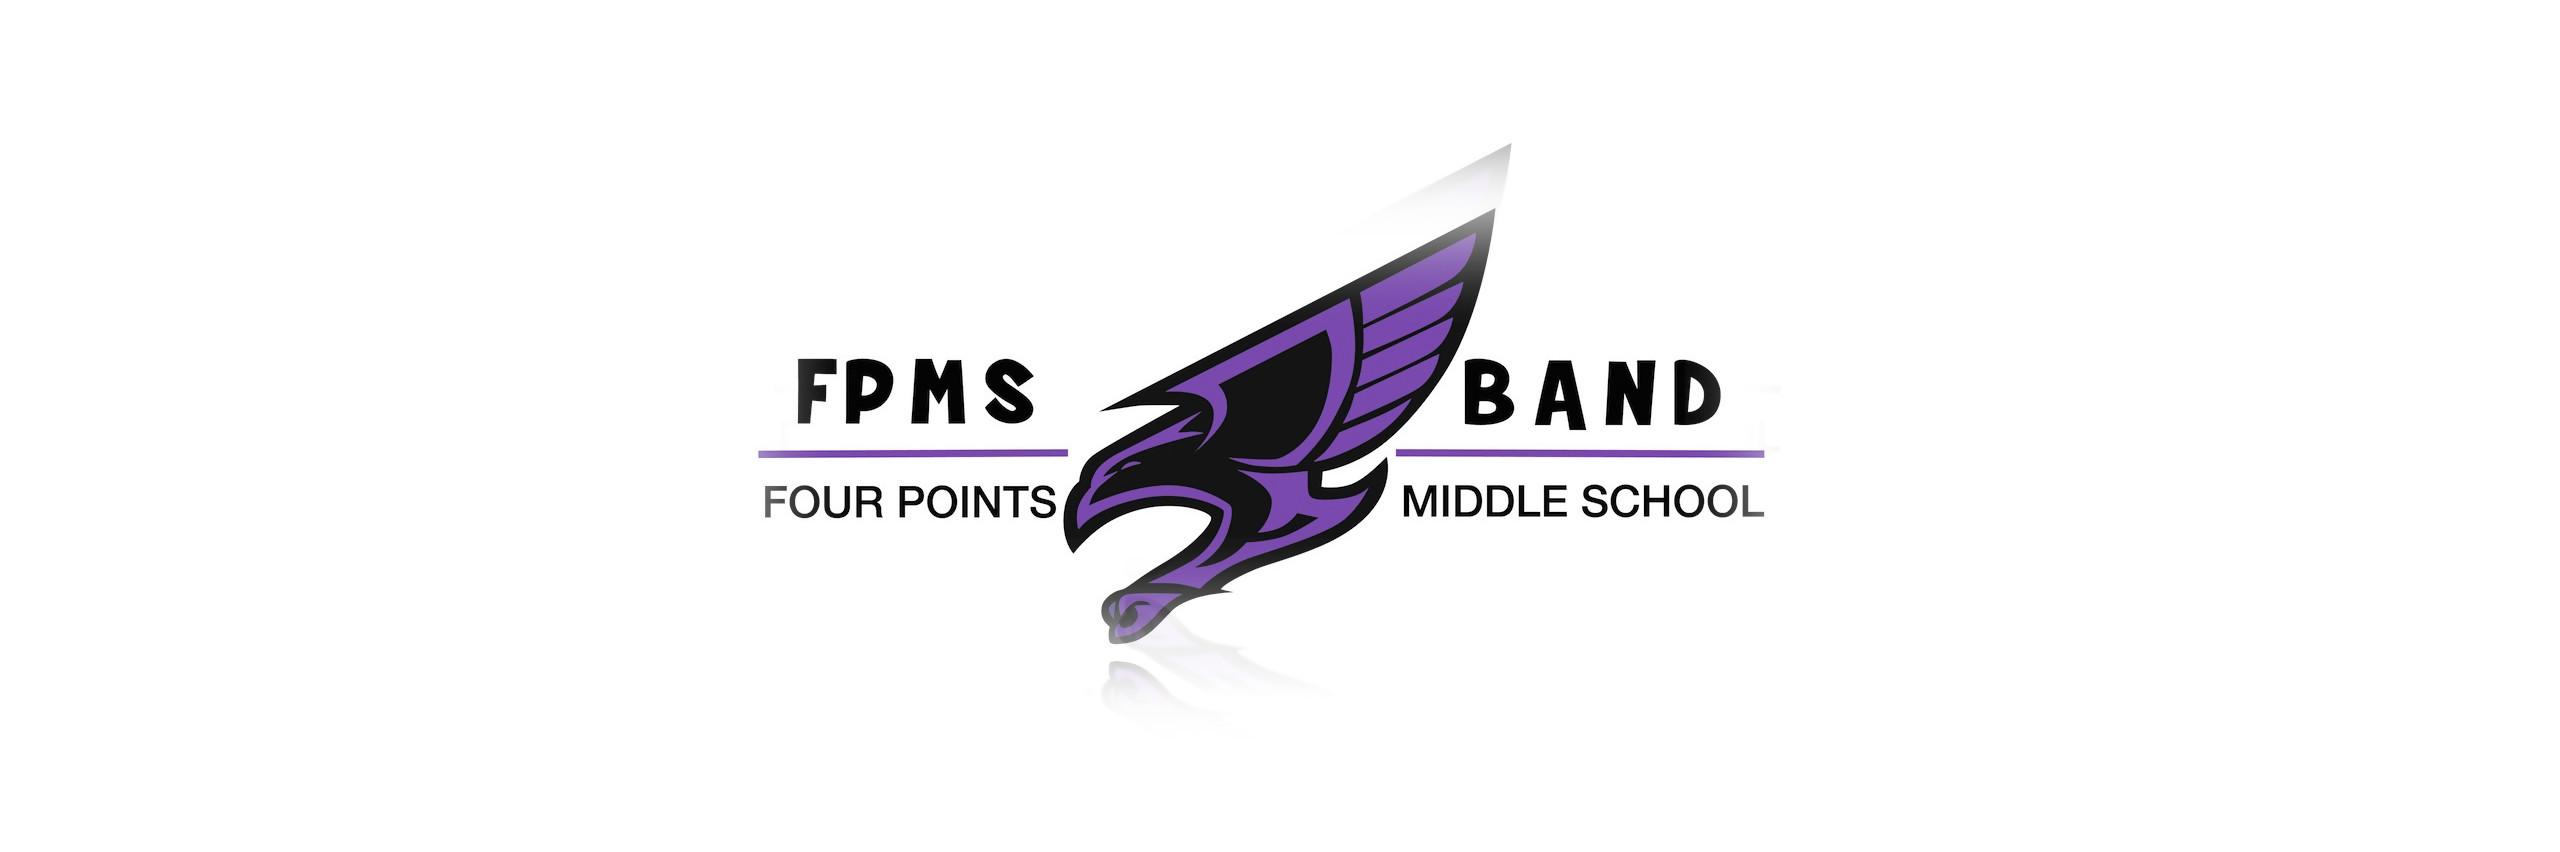 FPMS Band